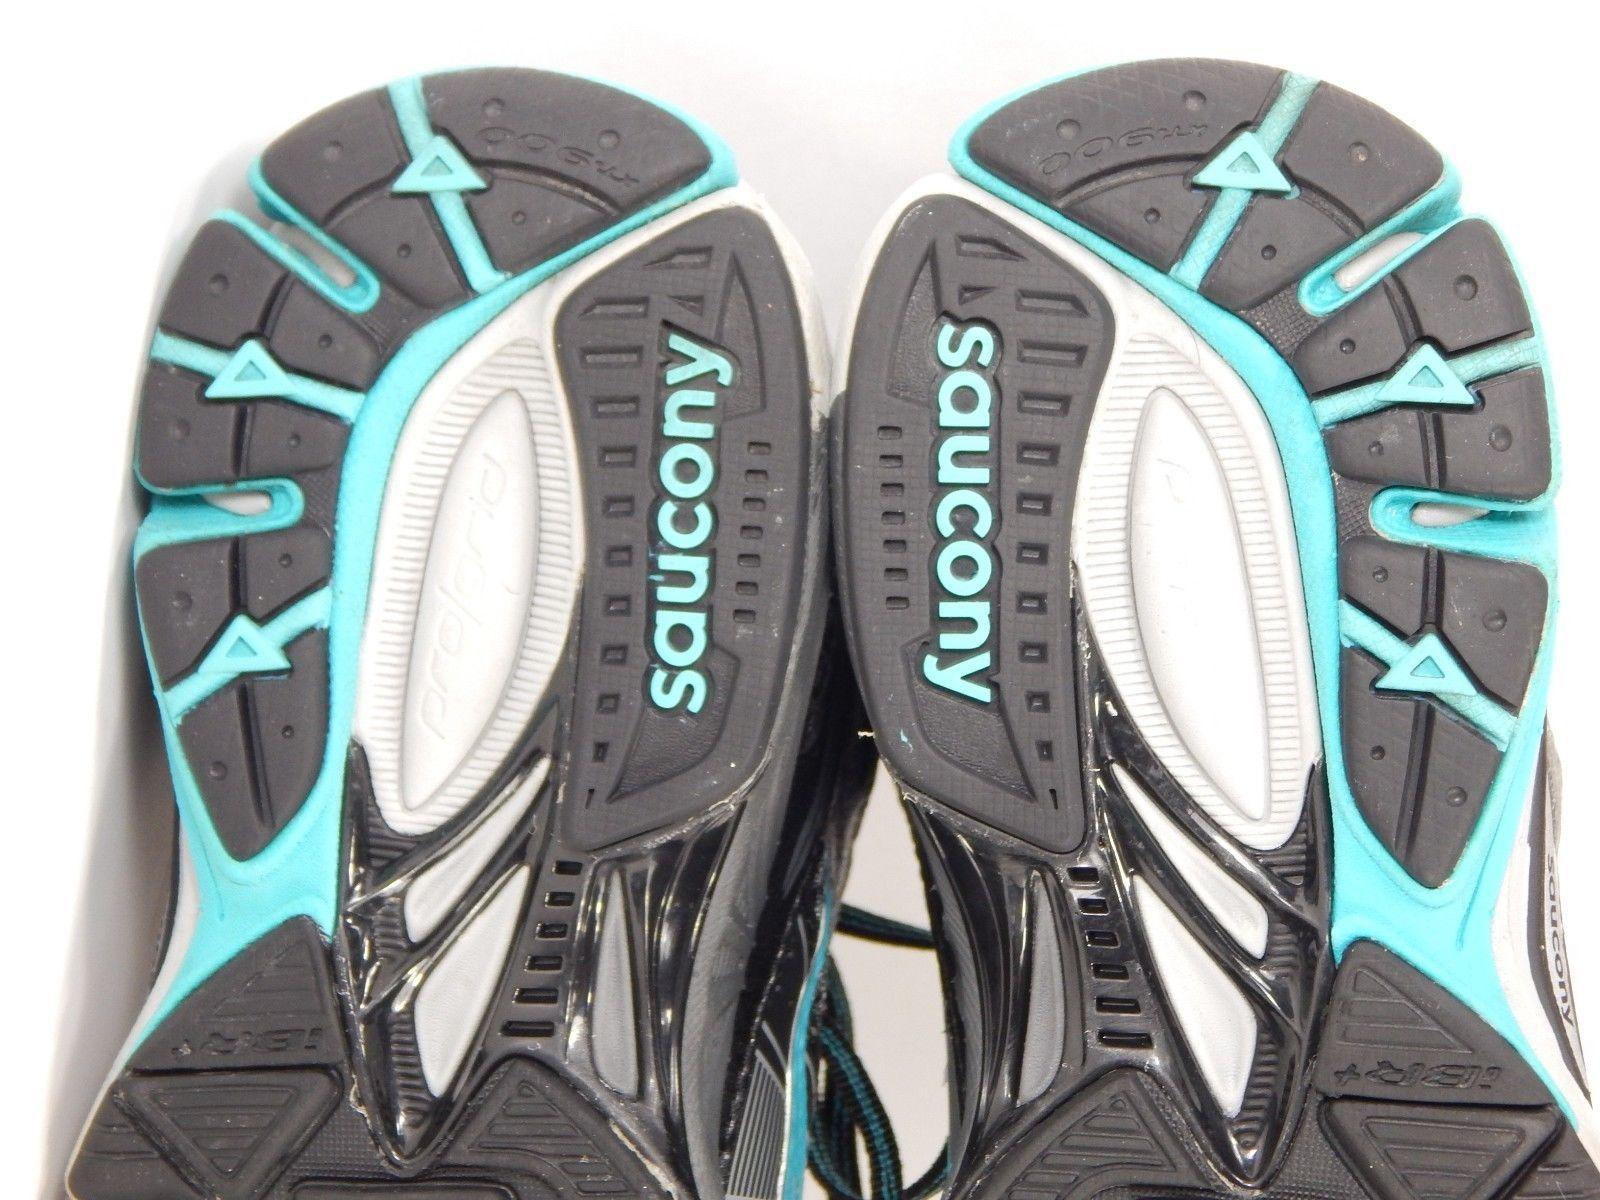 Saucony Guide 6 GTX Gore-Tex Sz 6.5 M (B) EU 37.5 Women's Running Shoes 10183-1